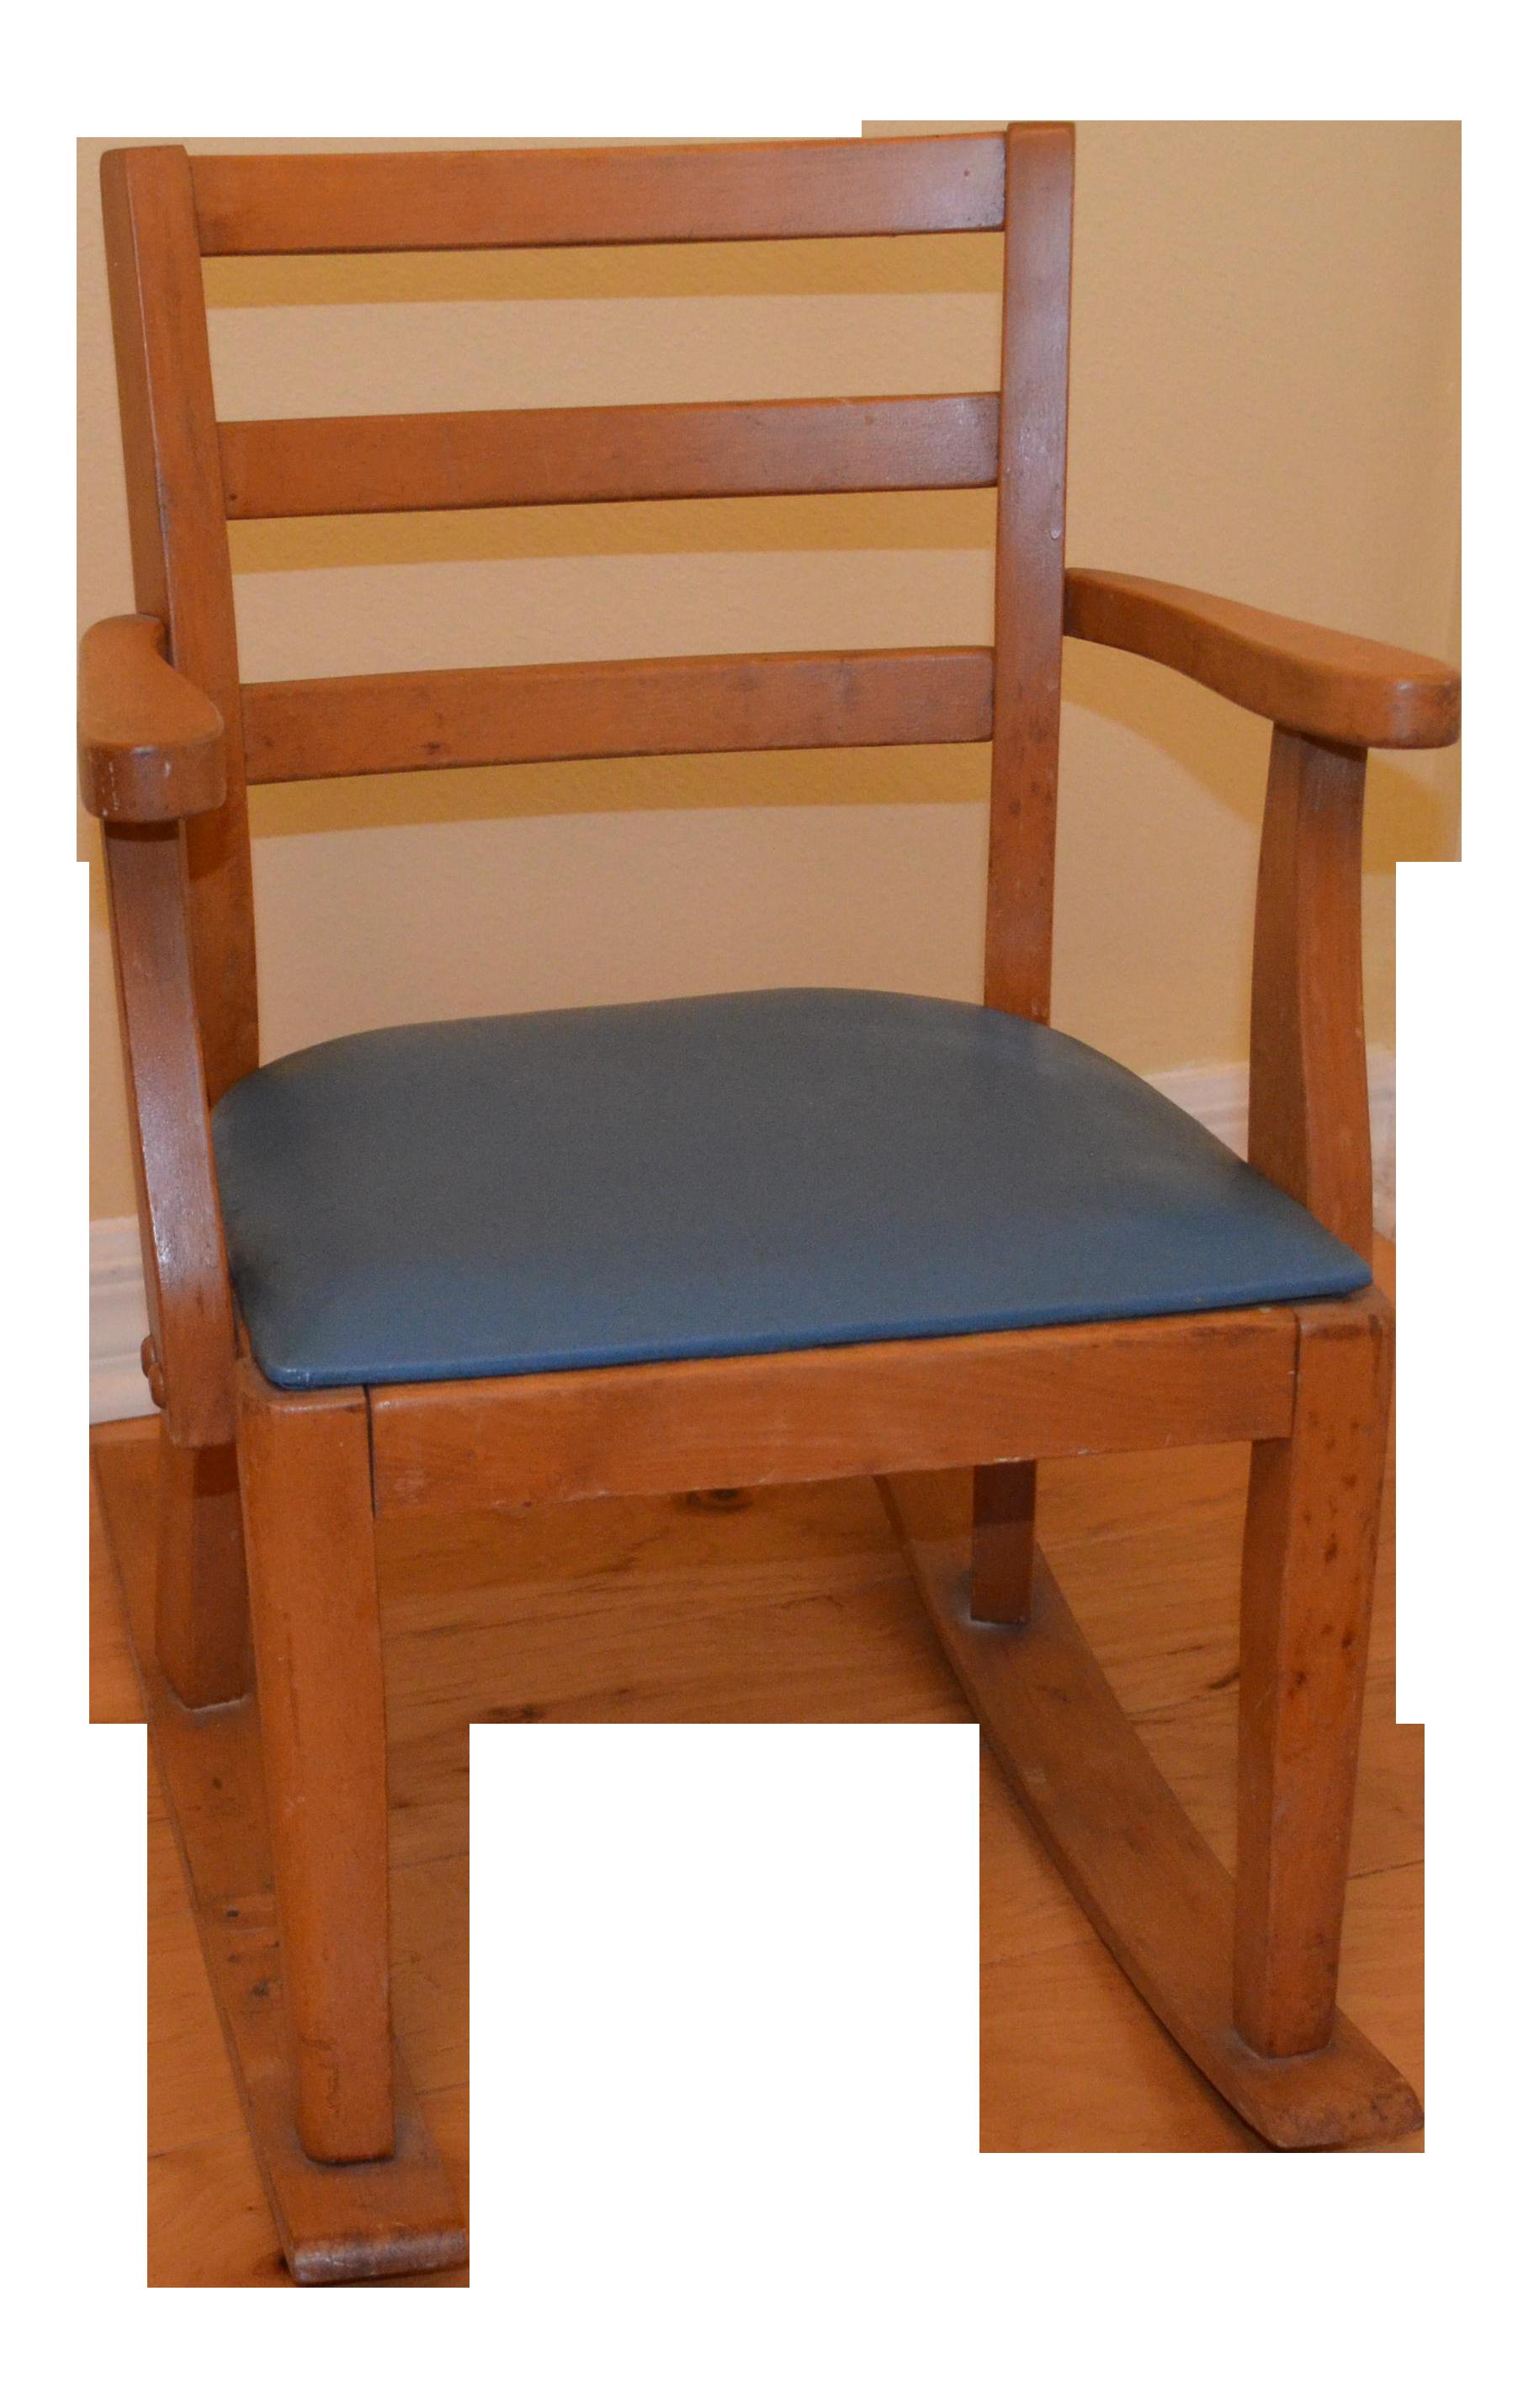 Vintage Child Rocking Chair  sc 1 st  Chairish & Vintage u0026 Used Childrenu0027s Rocking Chairs | Chairish